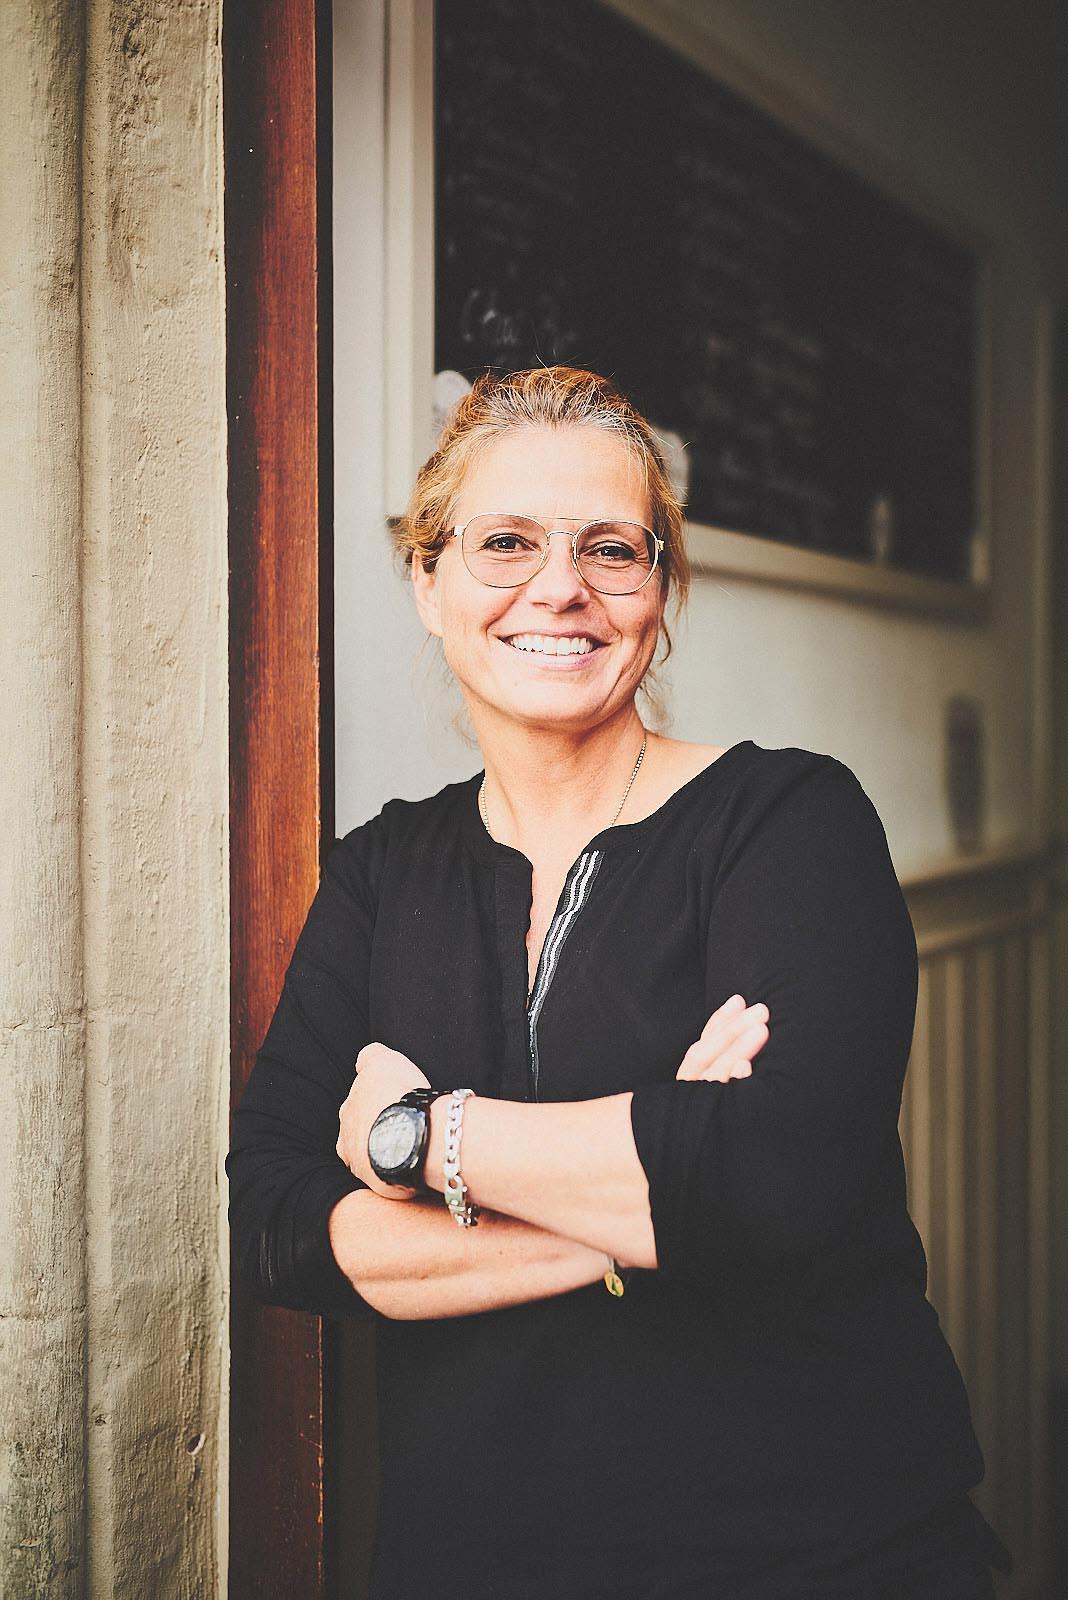 Portraitfoto Nicole König im Eingang des Cafe Pfefferminzje in Koblenz - Porträtfoto von Anna Schneider neon fotografie